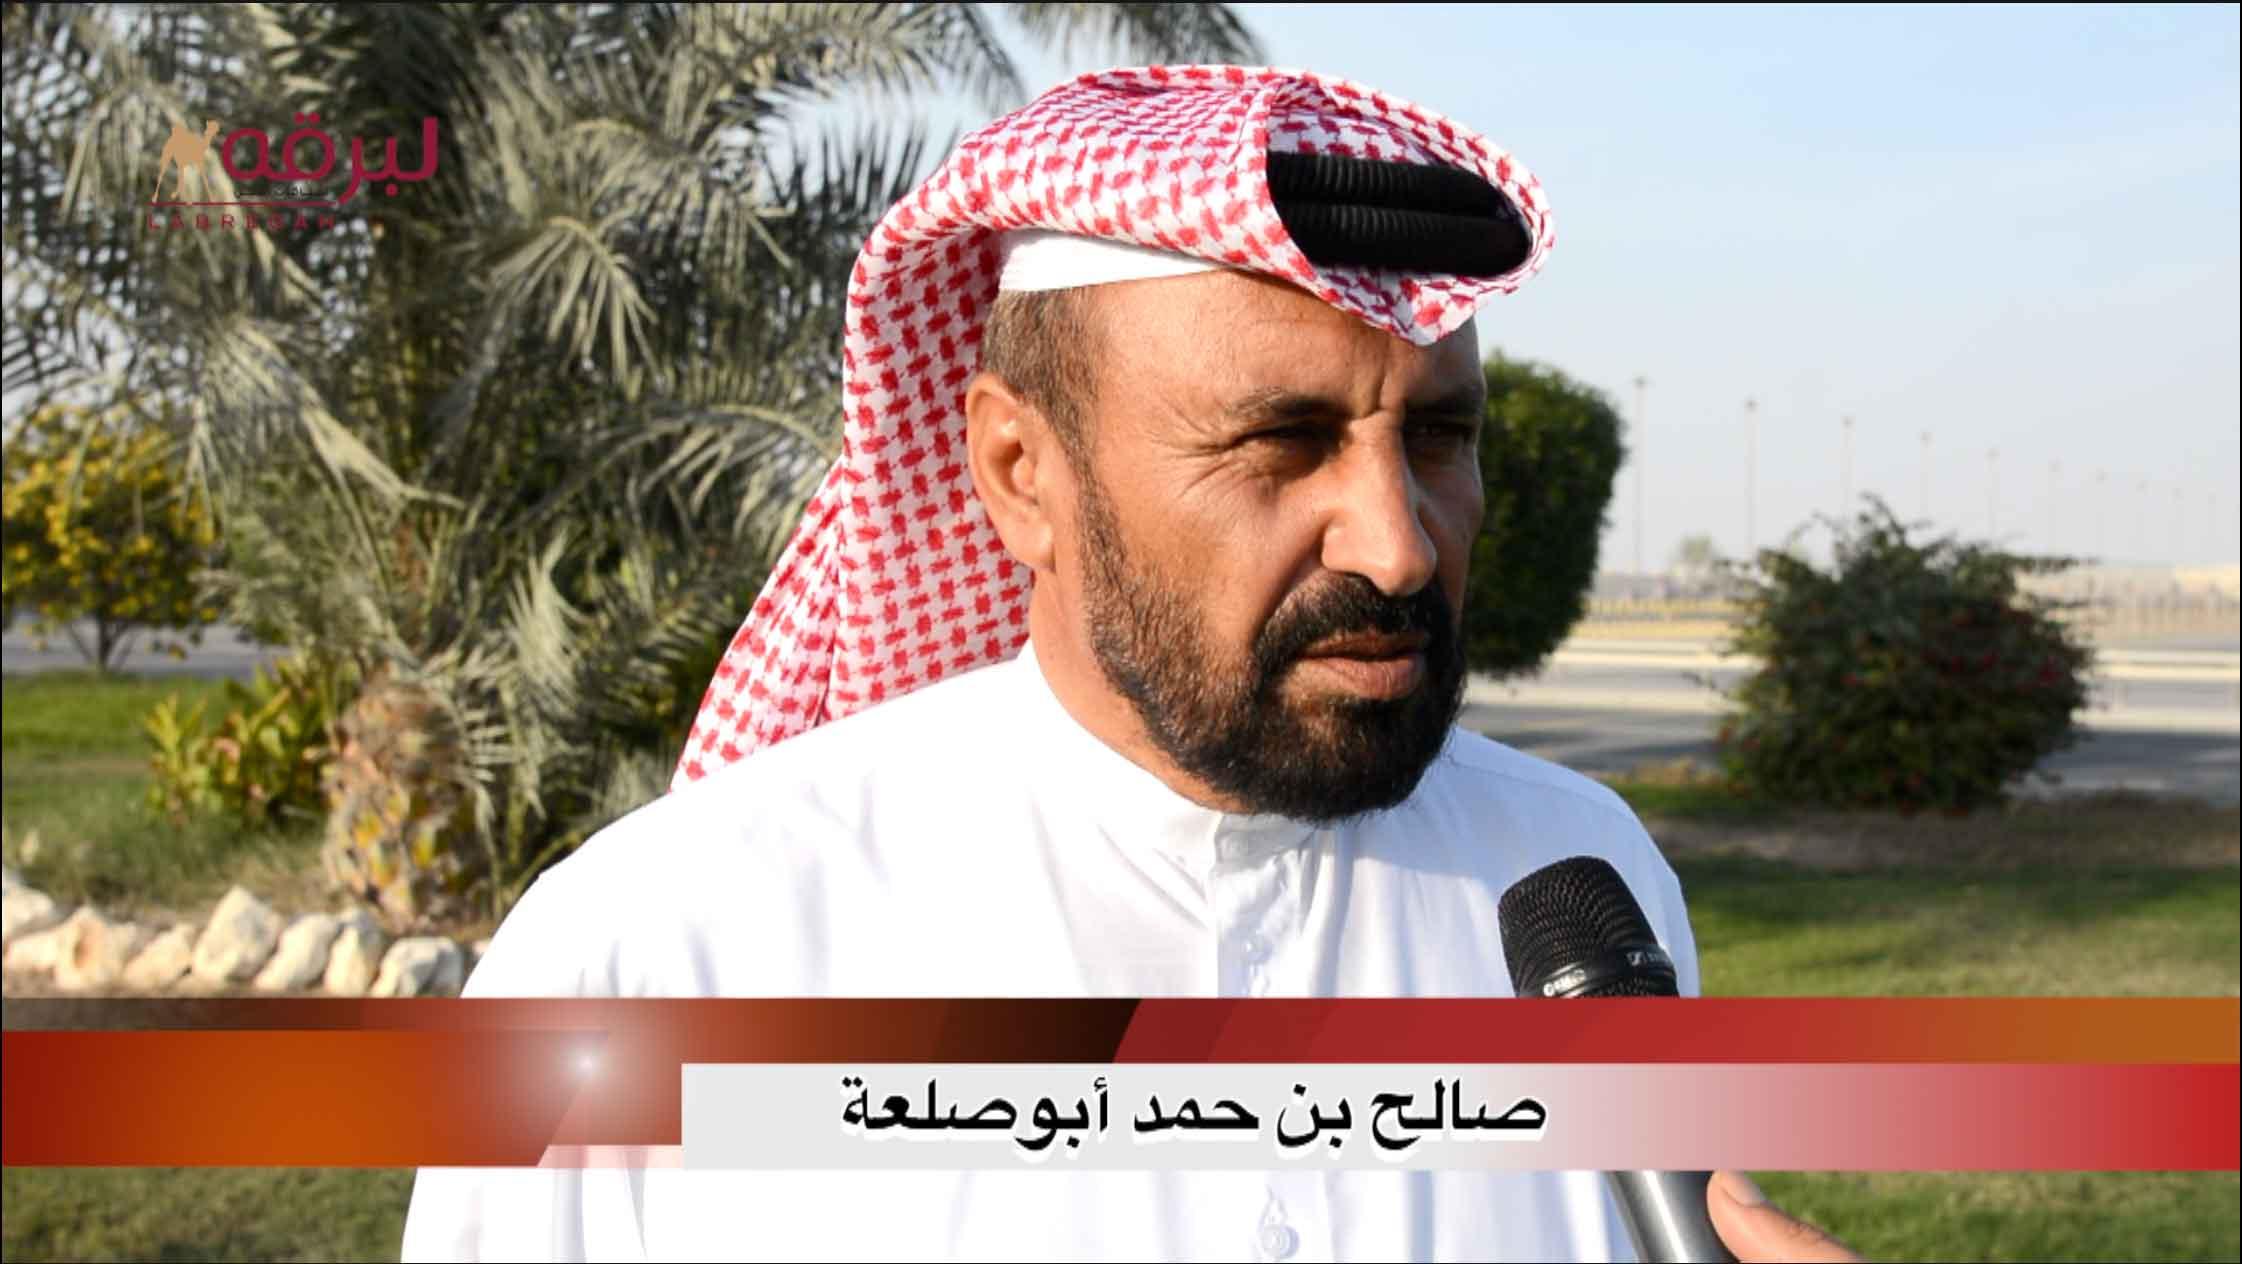 لقاء مع صالح بن حمد أبوصلعة.. الشوط الرئيسي للحقايق قعدان « إنتاج » الأشواط العامة  ٢٤-١٢-٢٠٢٠